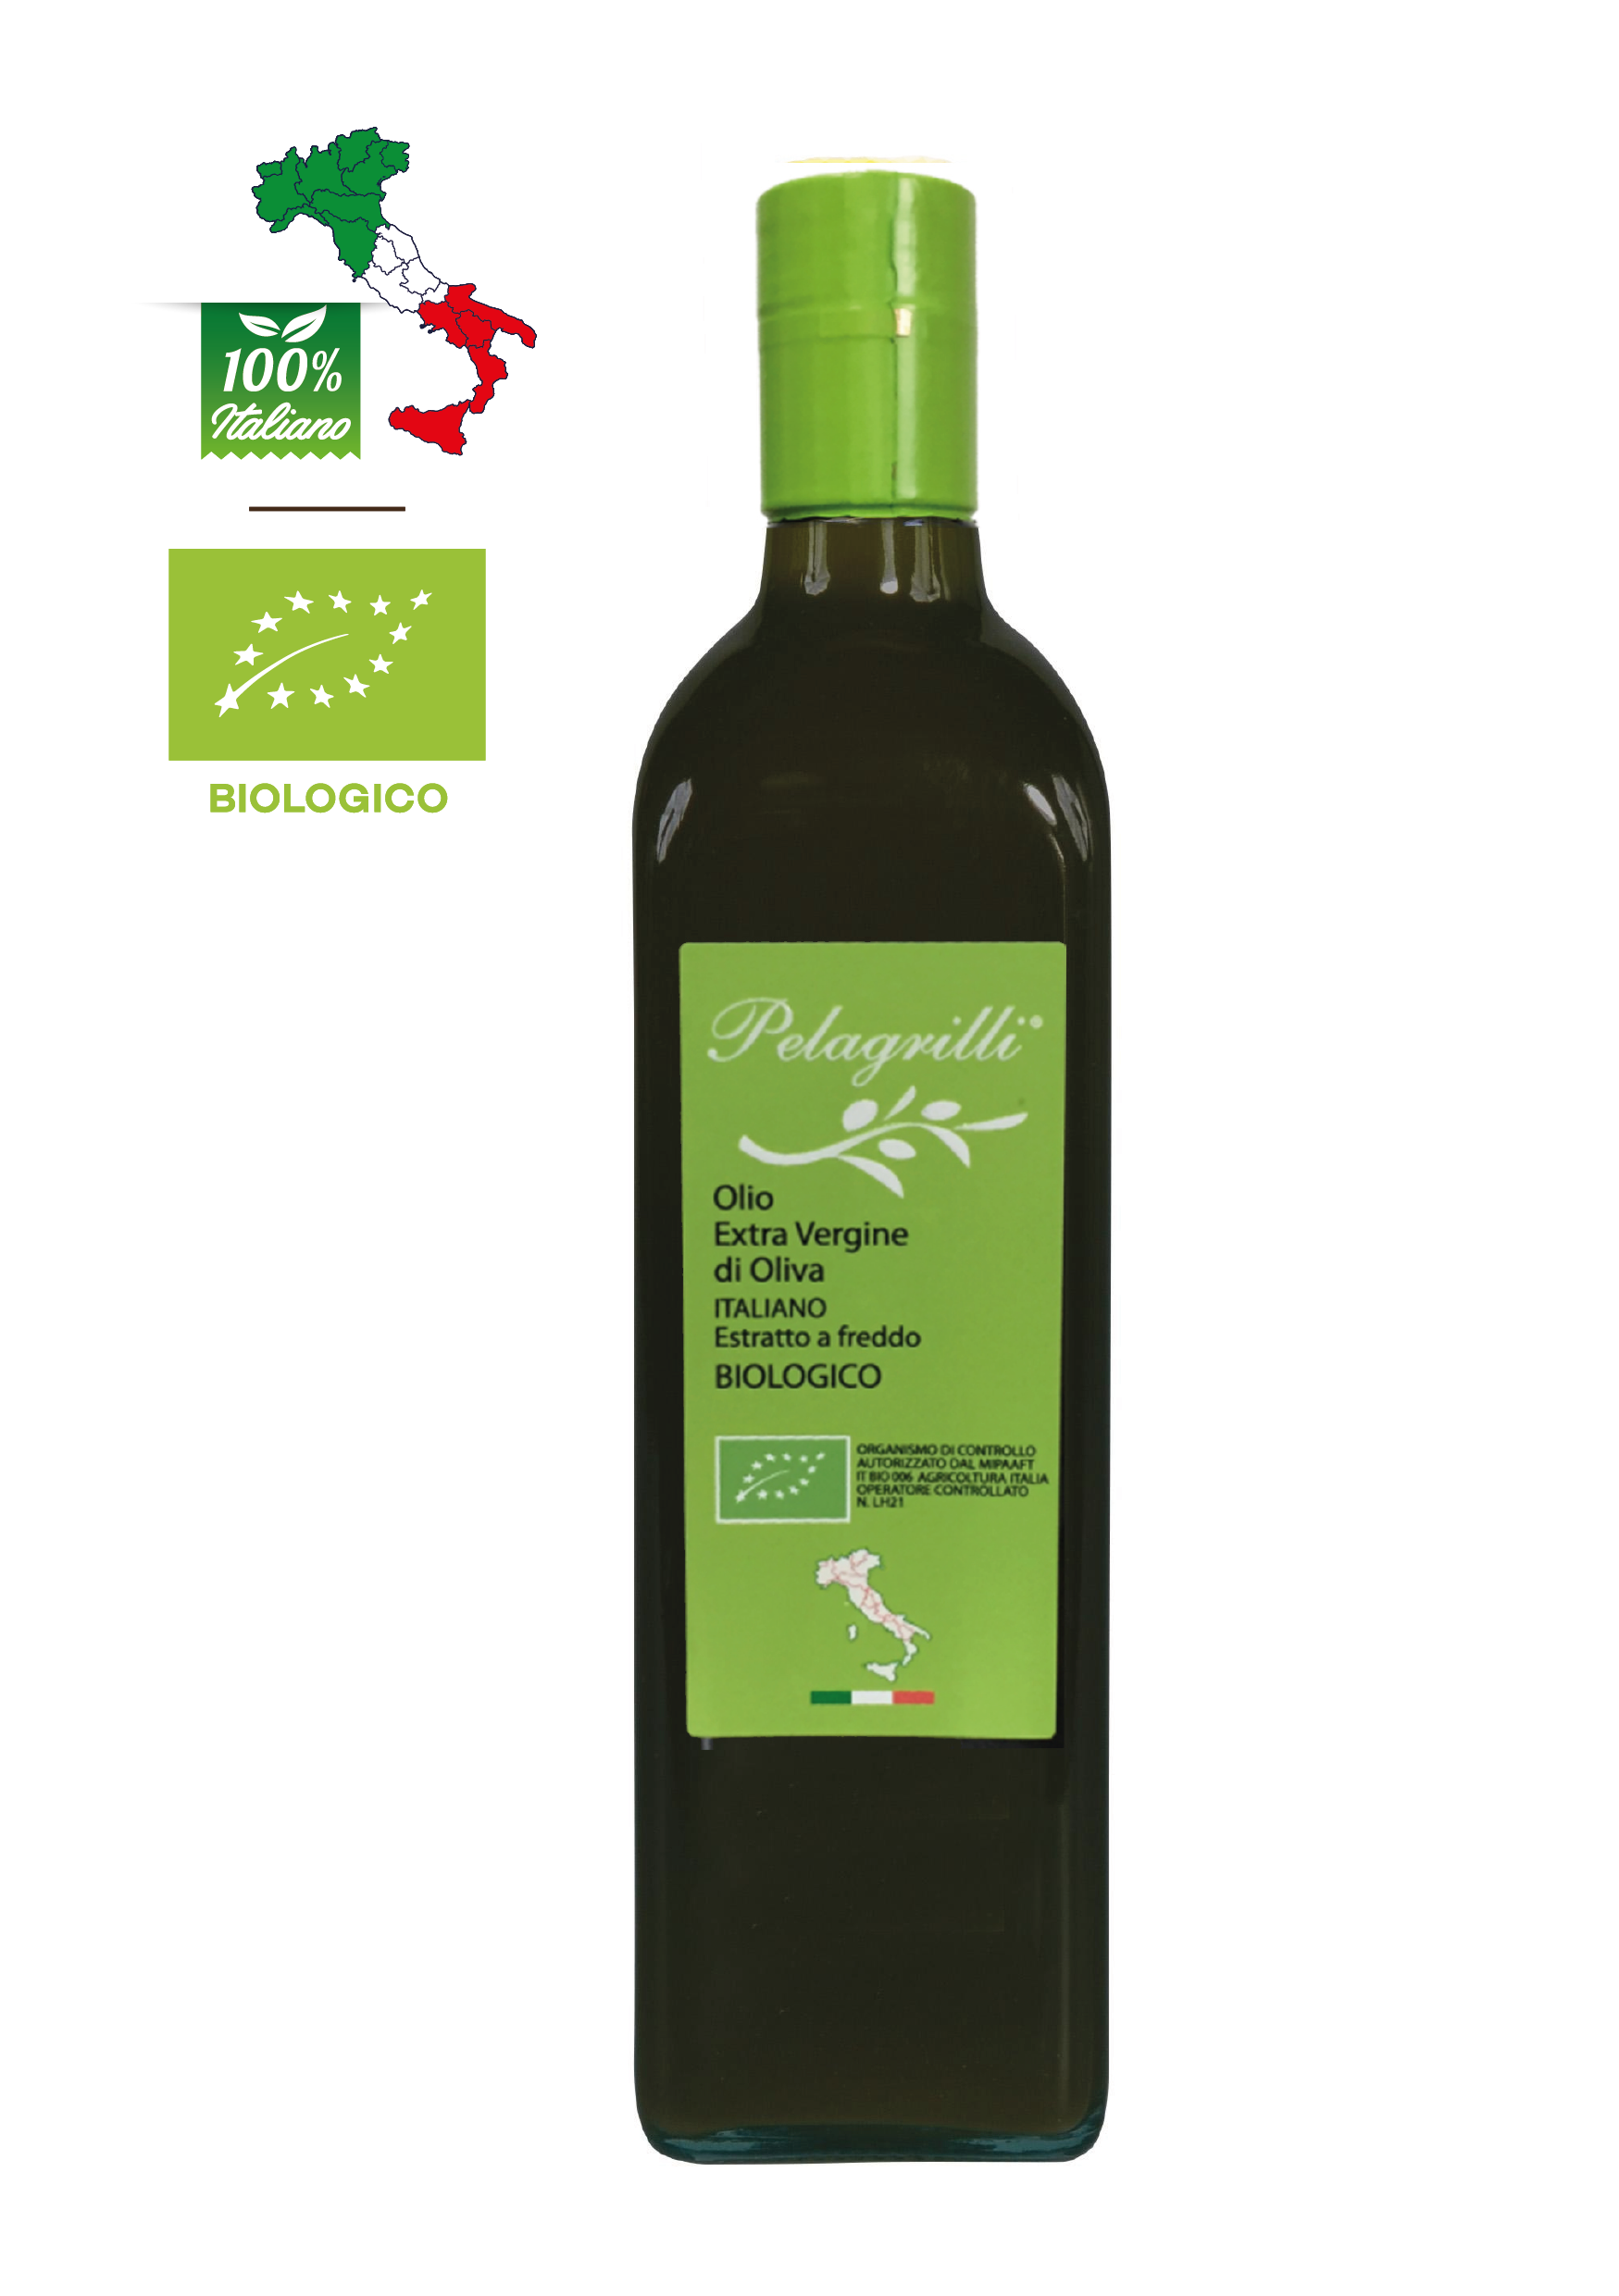 BIOLOGICO 100% ITALIANO Raccolto 2021-2022 LT 0,75  Olio extravergine di oliva - estratto a freddo - FILTRATO